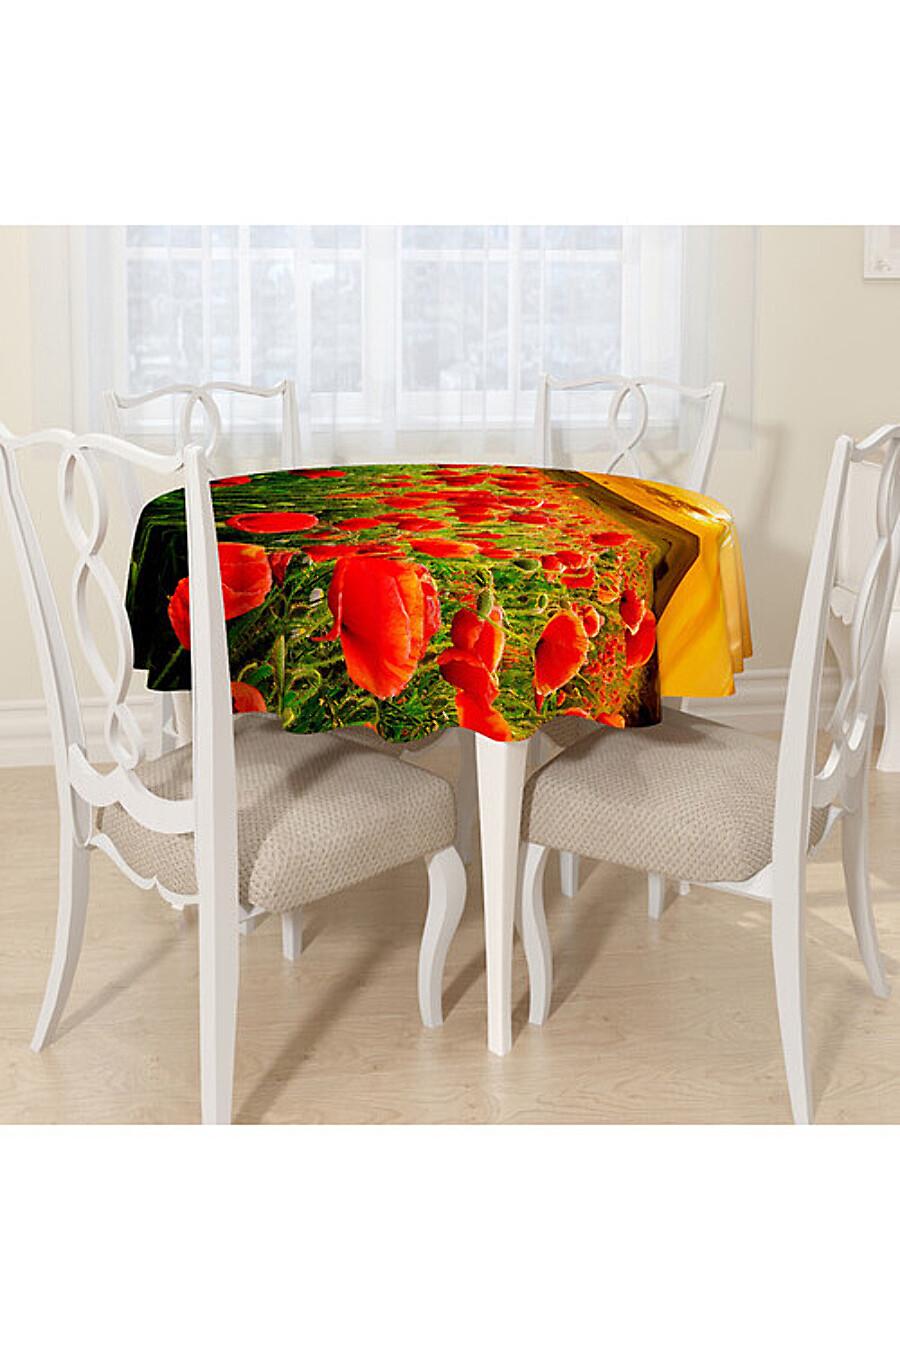 Скатерть для дома ART HOME TEXTILE 180509 купить оптом от производителя. Совместная покупка товаров для дома в OptMoyo